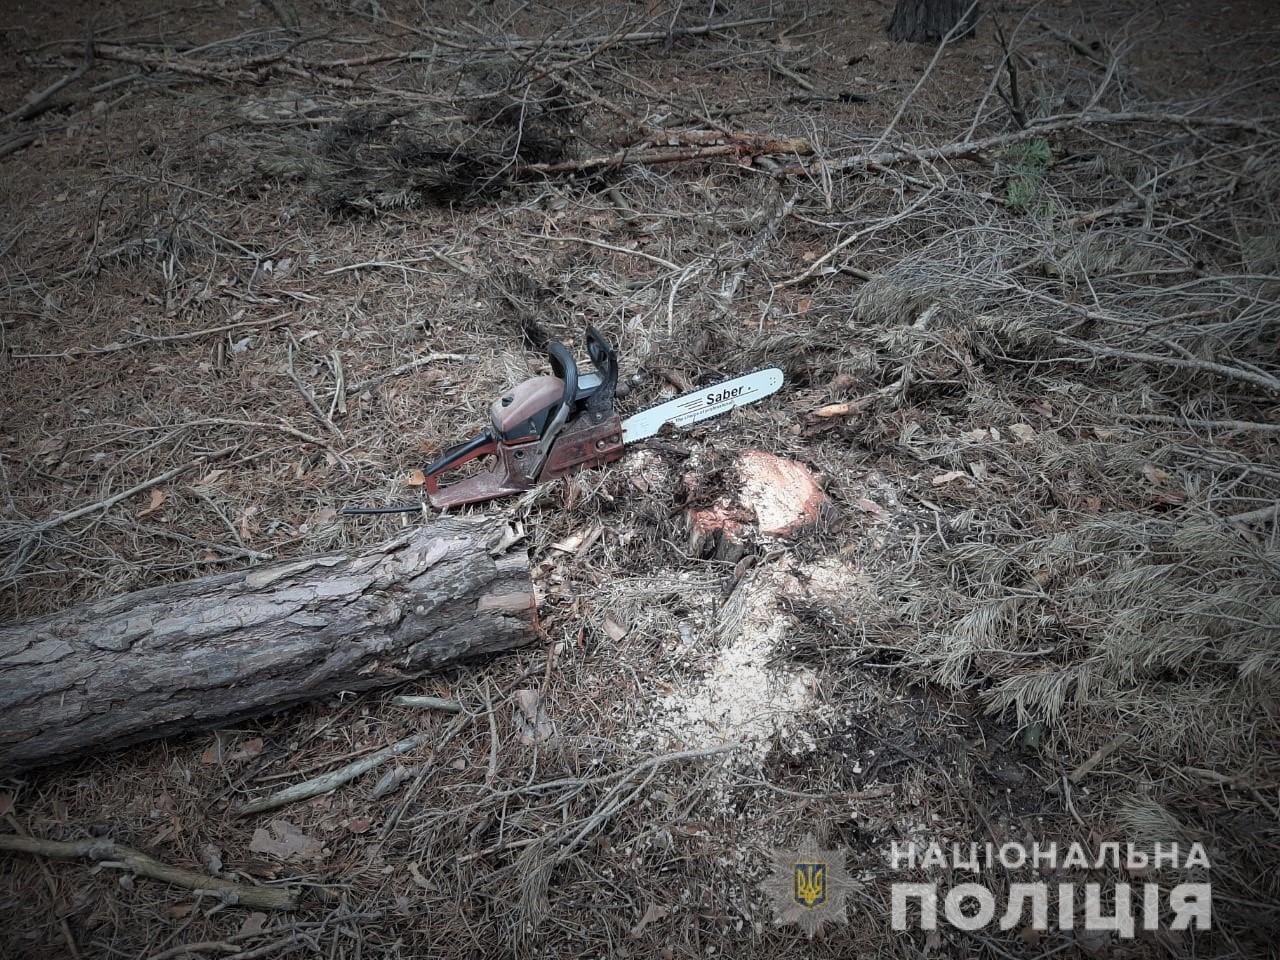 Сегодня на Херсонщине в лесу задержали пилильщика